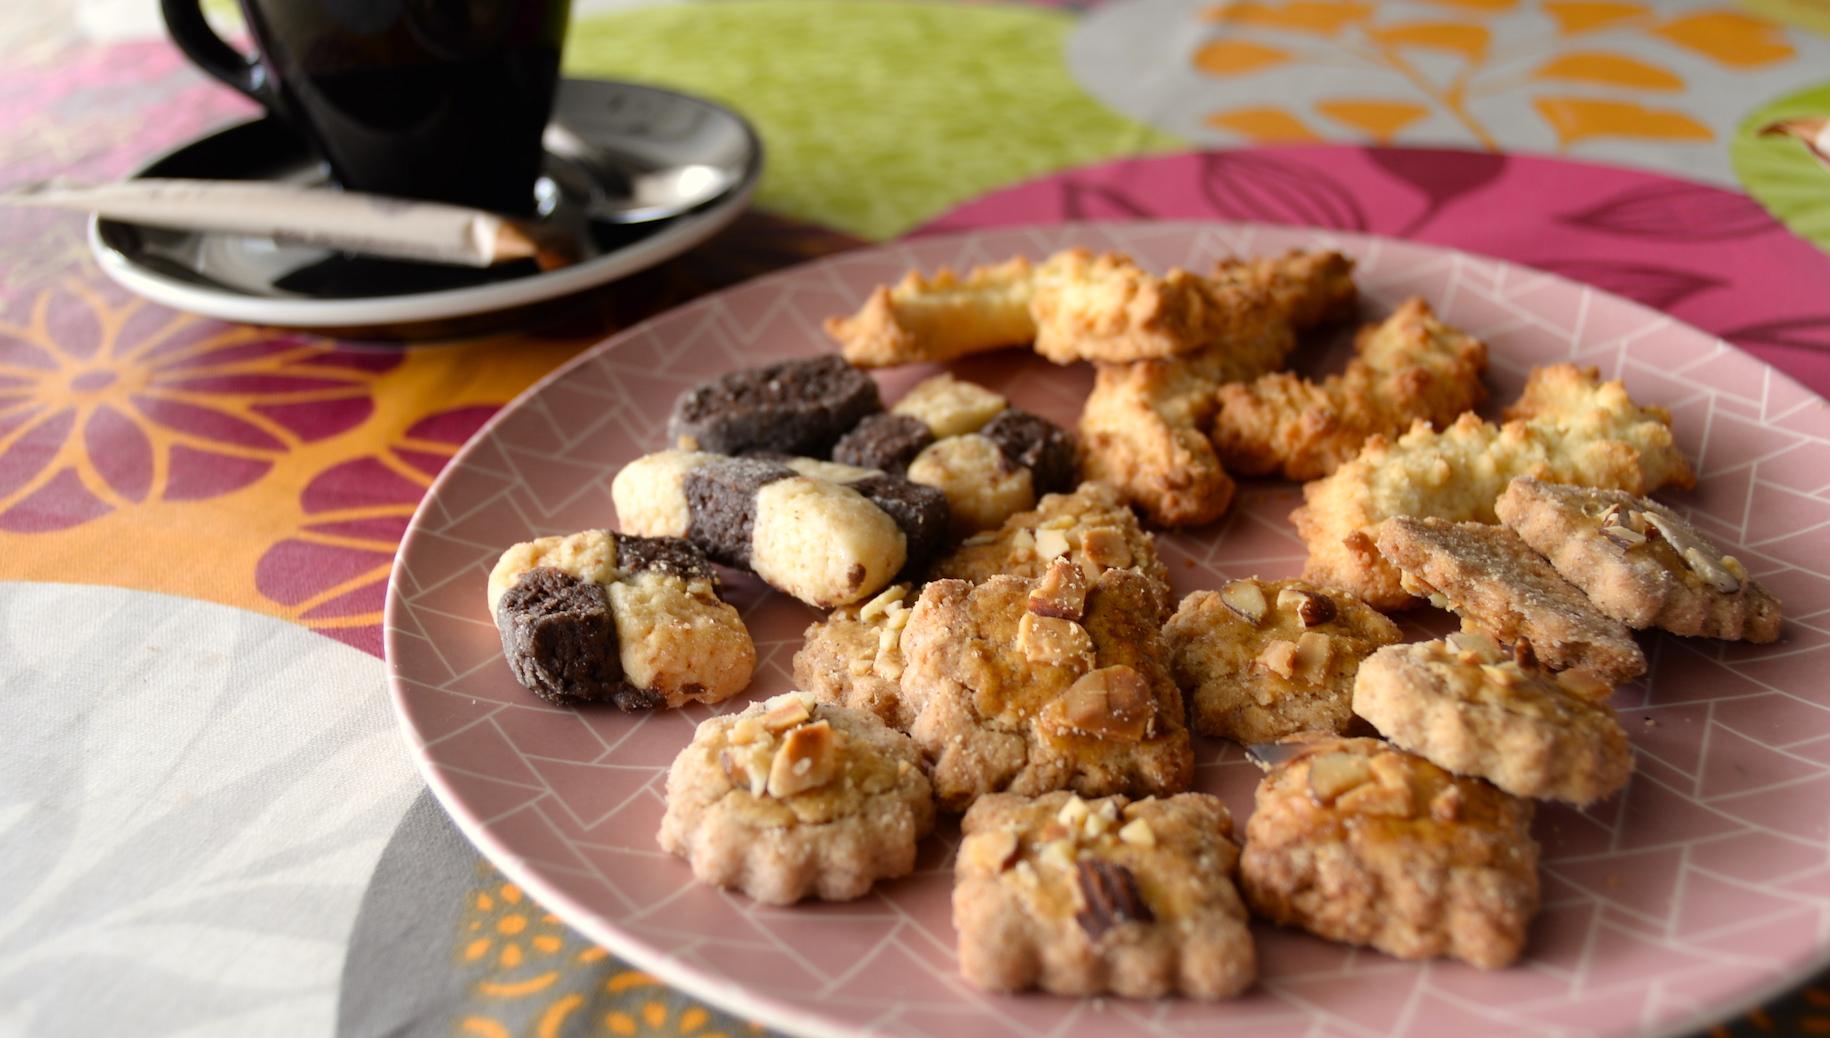 coffee-biscuits-lilikoi-deli.JPG